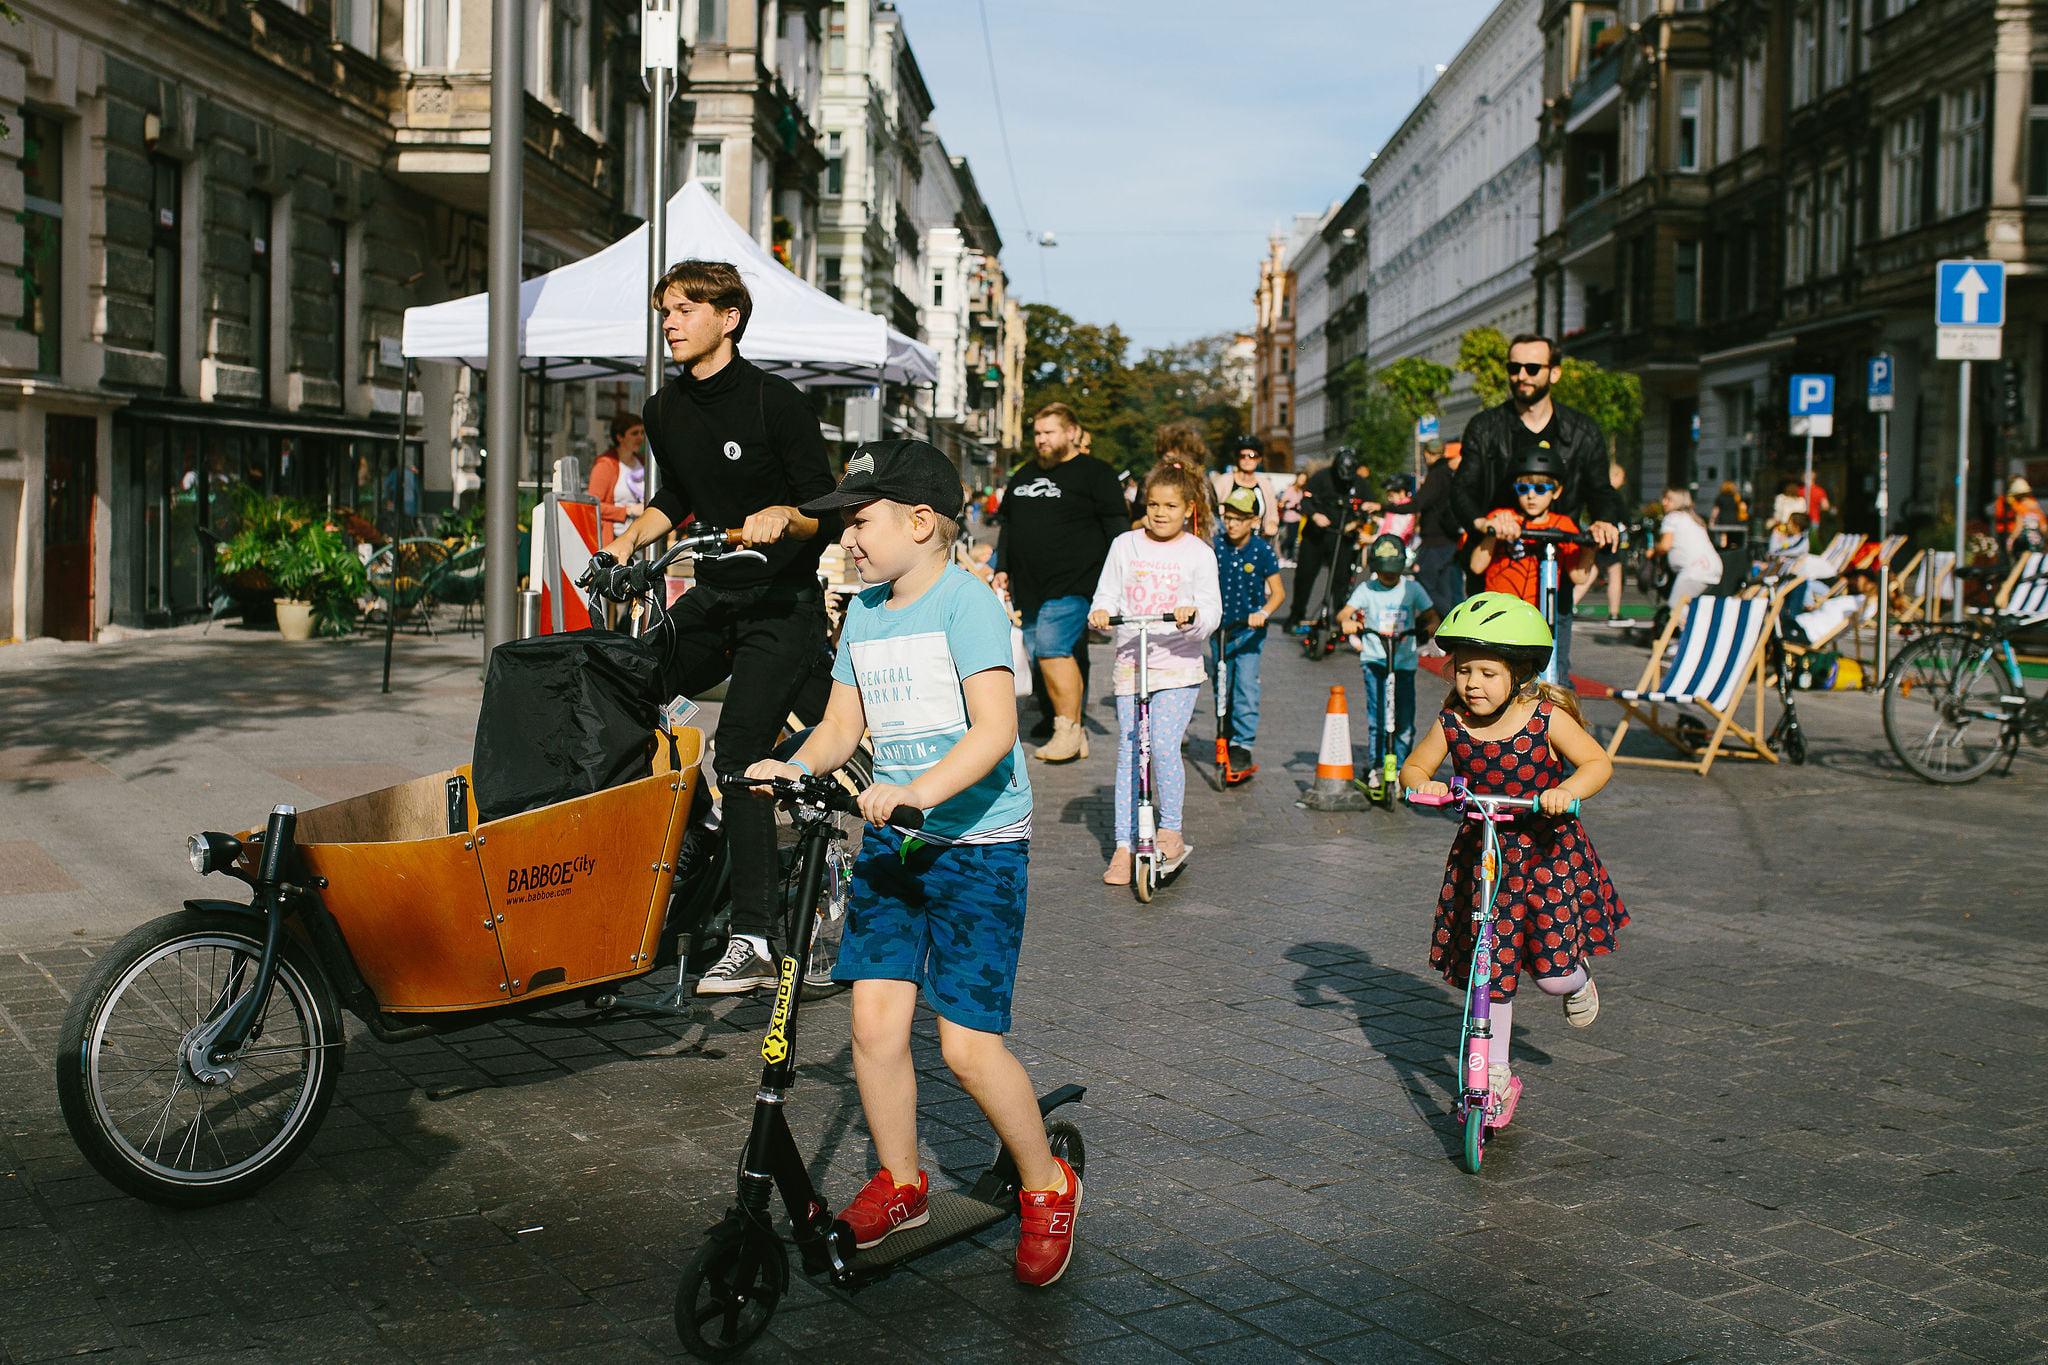 Książki, deskorolki, mozaikowa gra miejska i zabytkowy autobus. Rajski dzień w centrum miasta